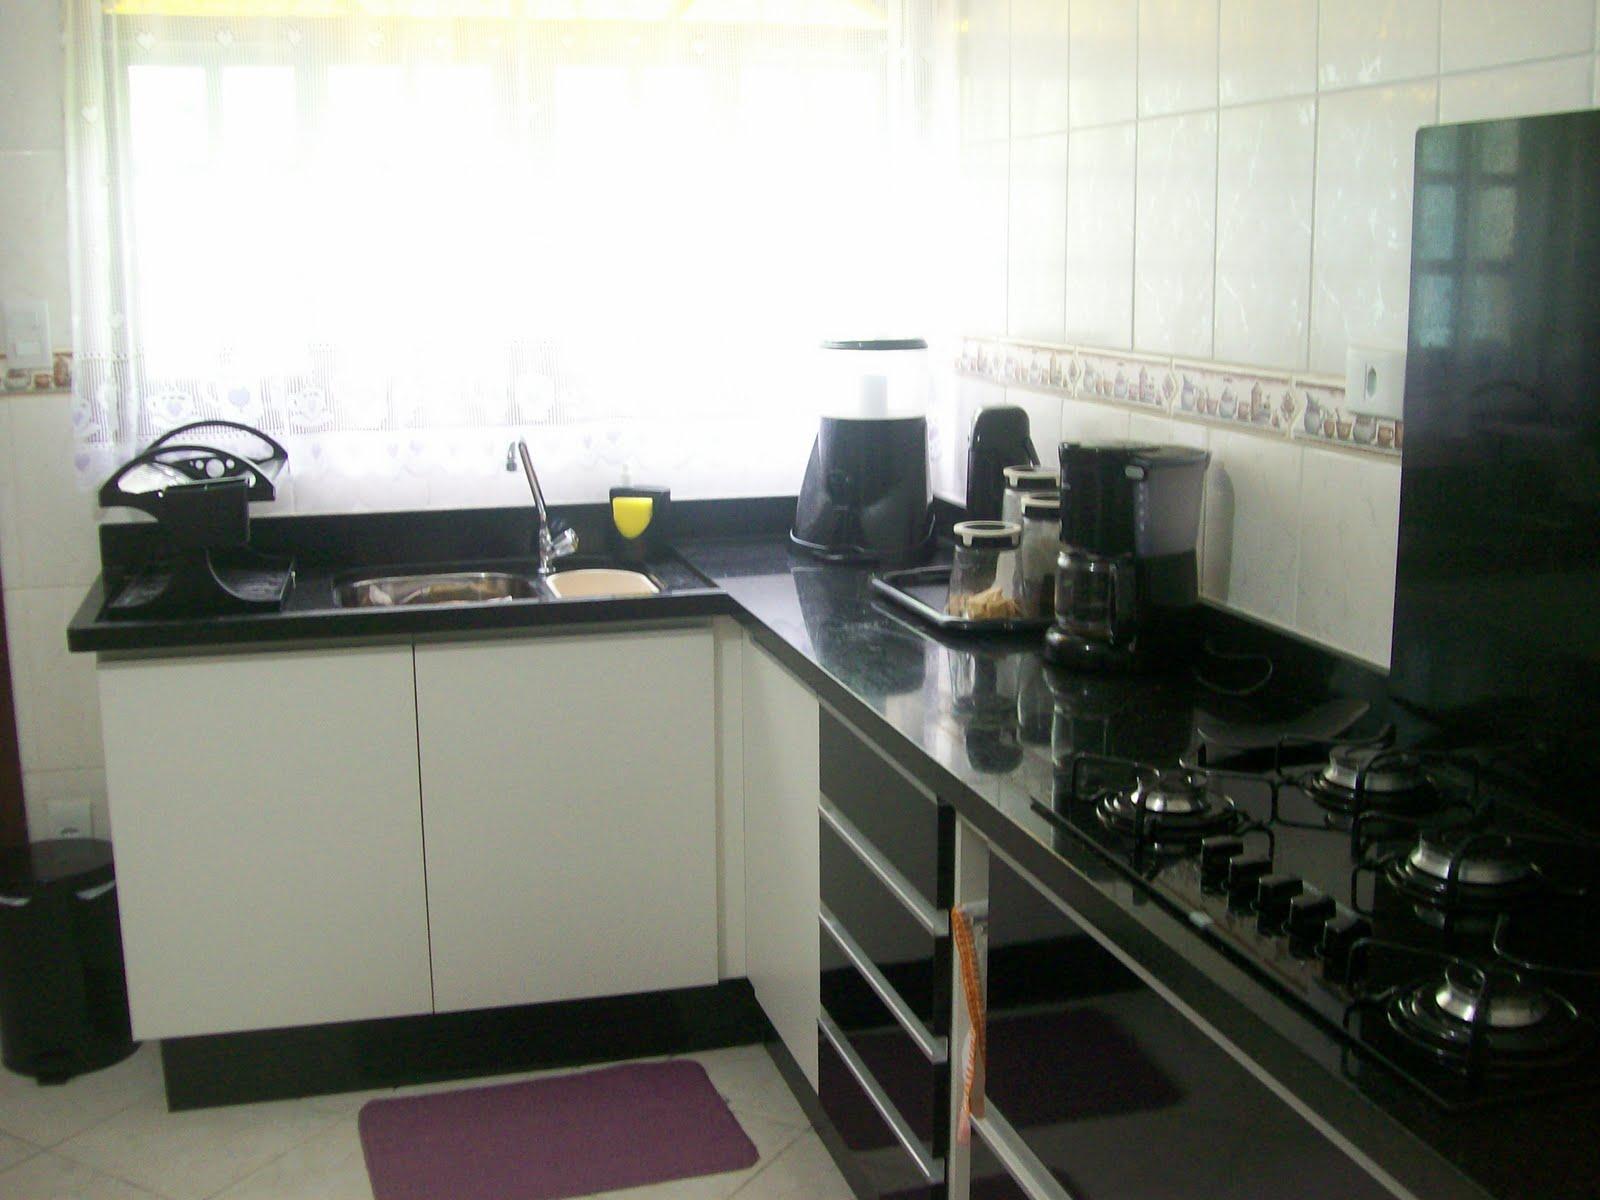 Casinha da Renatinha: Cozinha: Marceneiro ou Loja de Planejados???